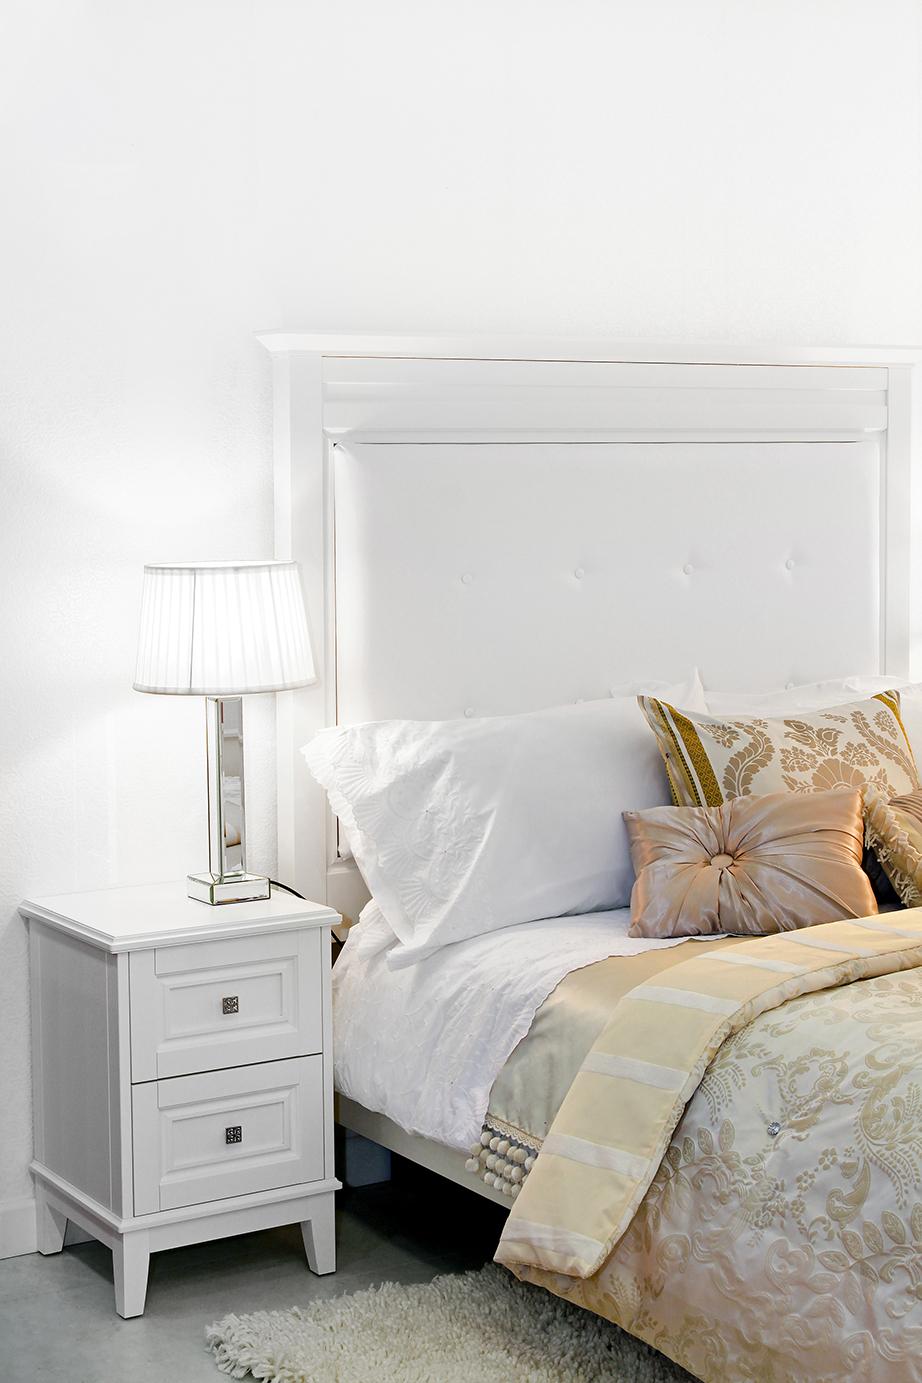 Στρώνετε επιμελώς και καθημερινά το κρεβάτι σας μόλις σηκώνεστε.